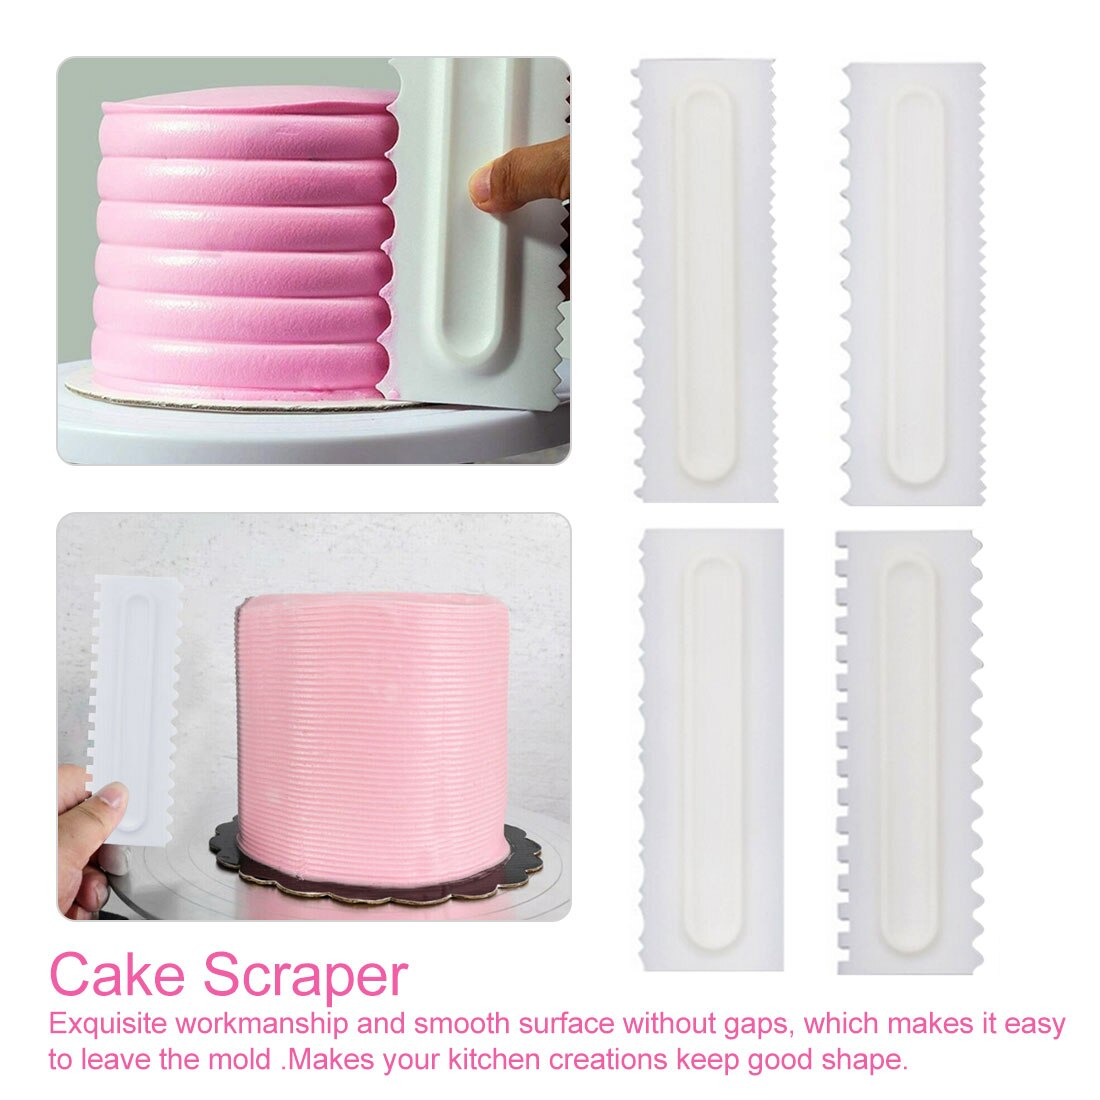 Set de 4 unidades para decoración de tartas, peine de repostería, Espátulas para Fondant, herramientas de repostería, peine decorativo, raspador de torta, crema suave